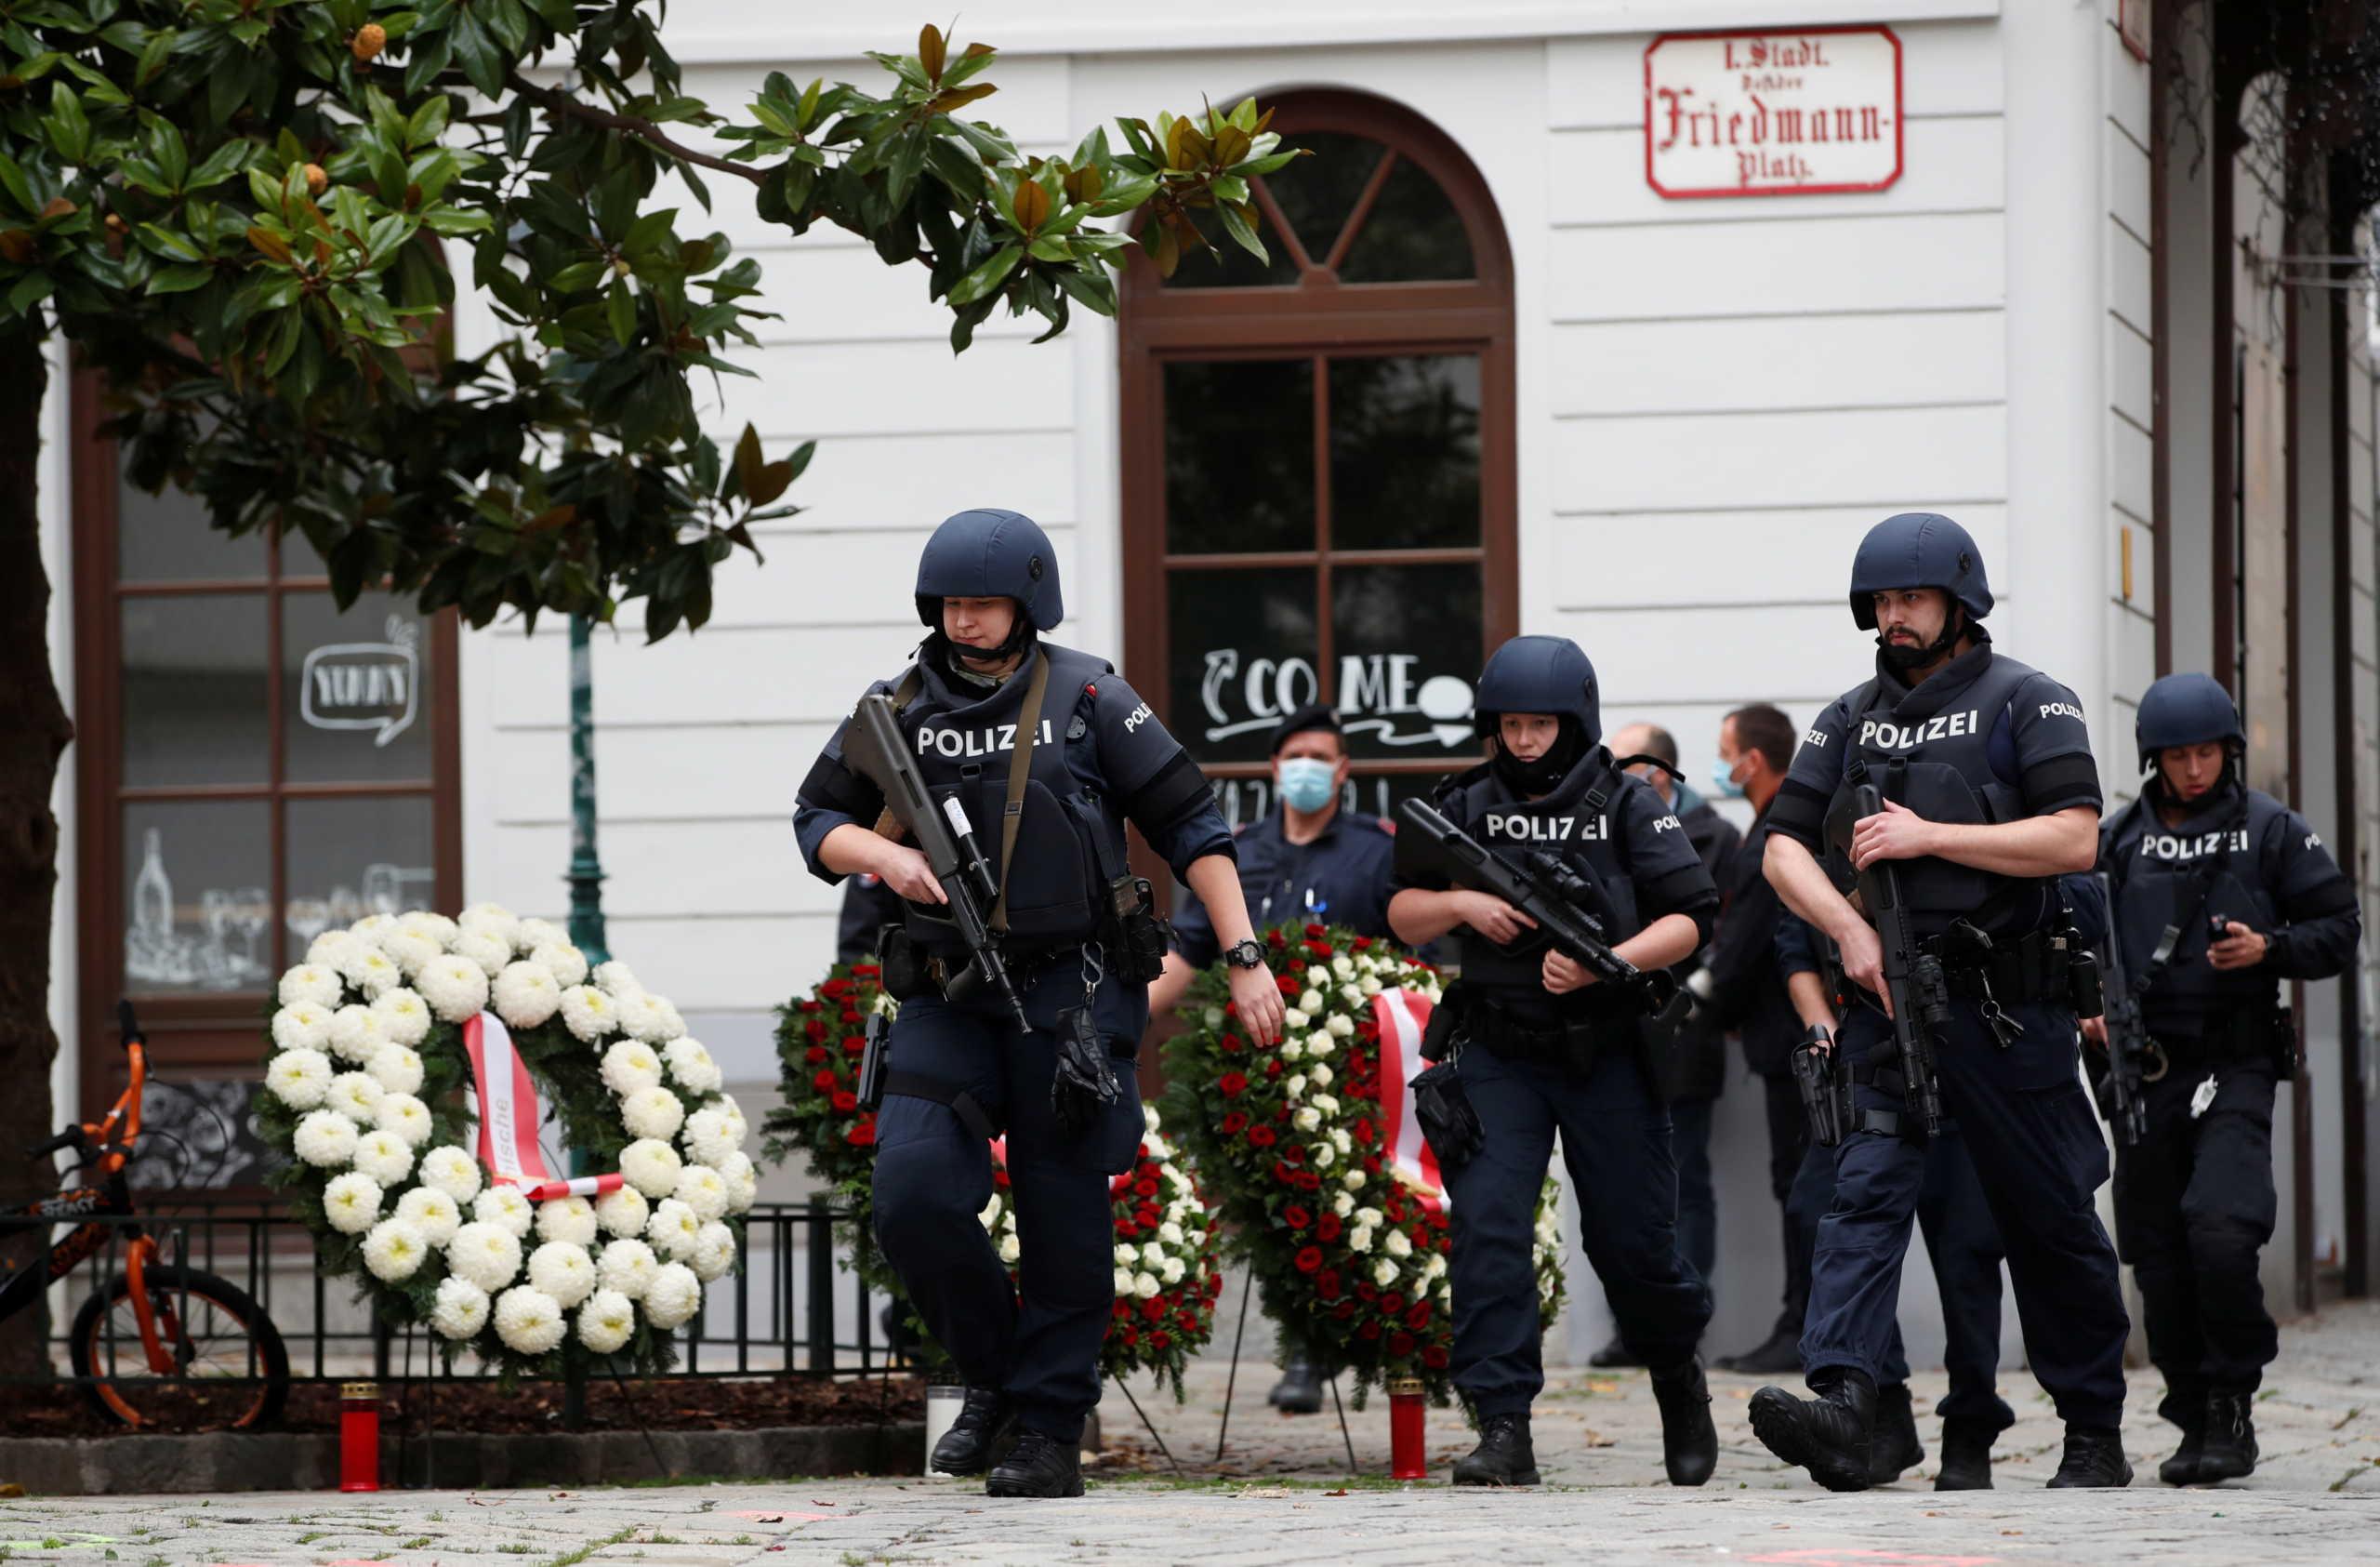 Γερμανία: Έρευνες σε σπίτια 4 υπόπτων για την επίθεση στη Βιέννη